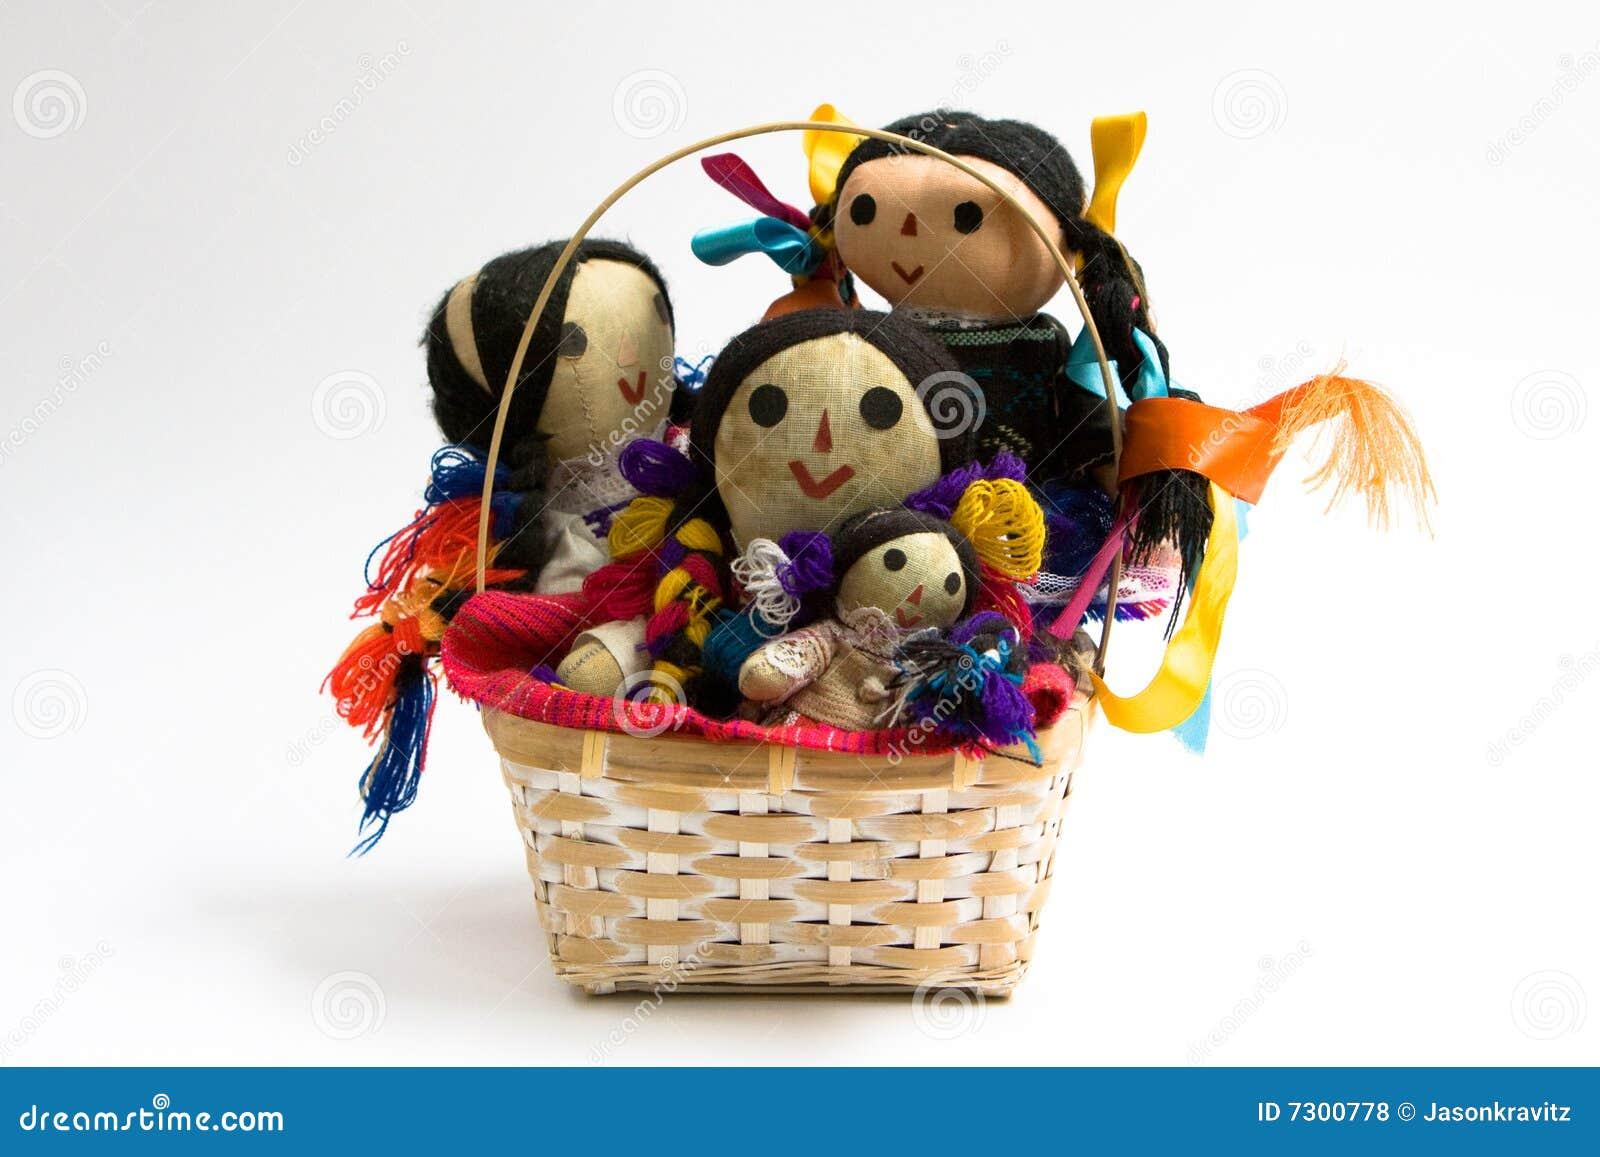 Bambole in un cestino